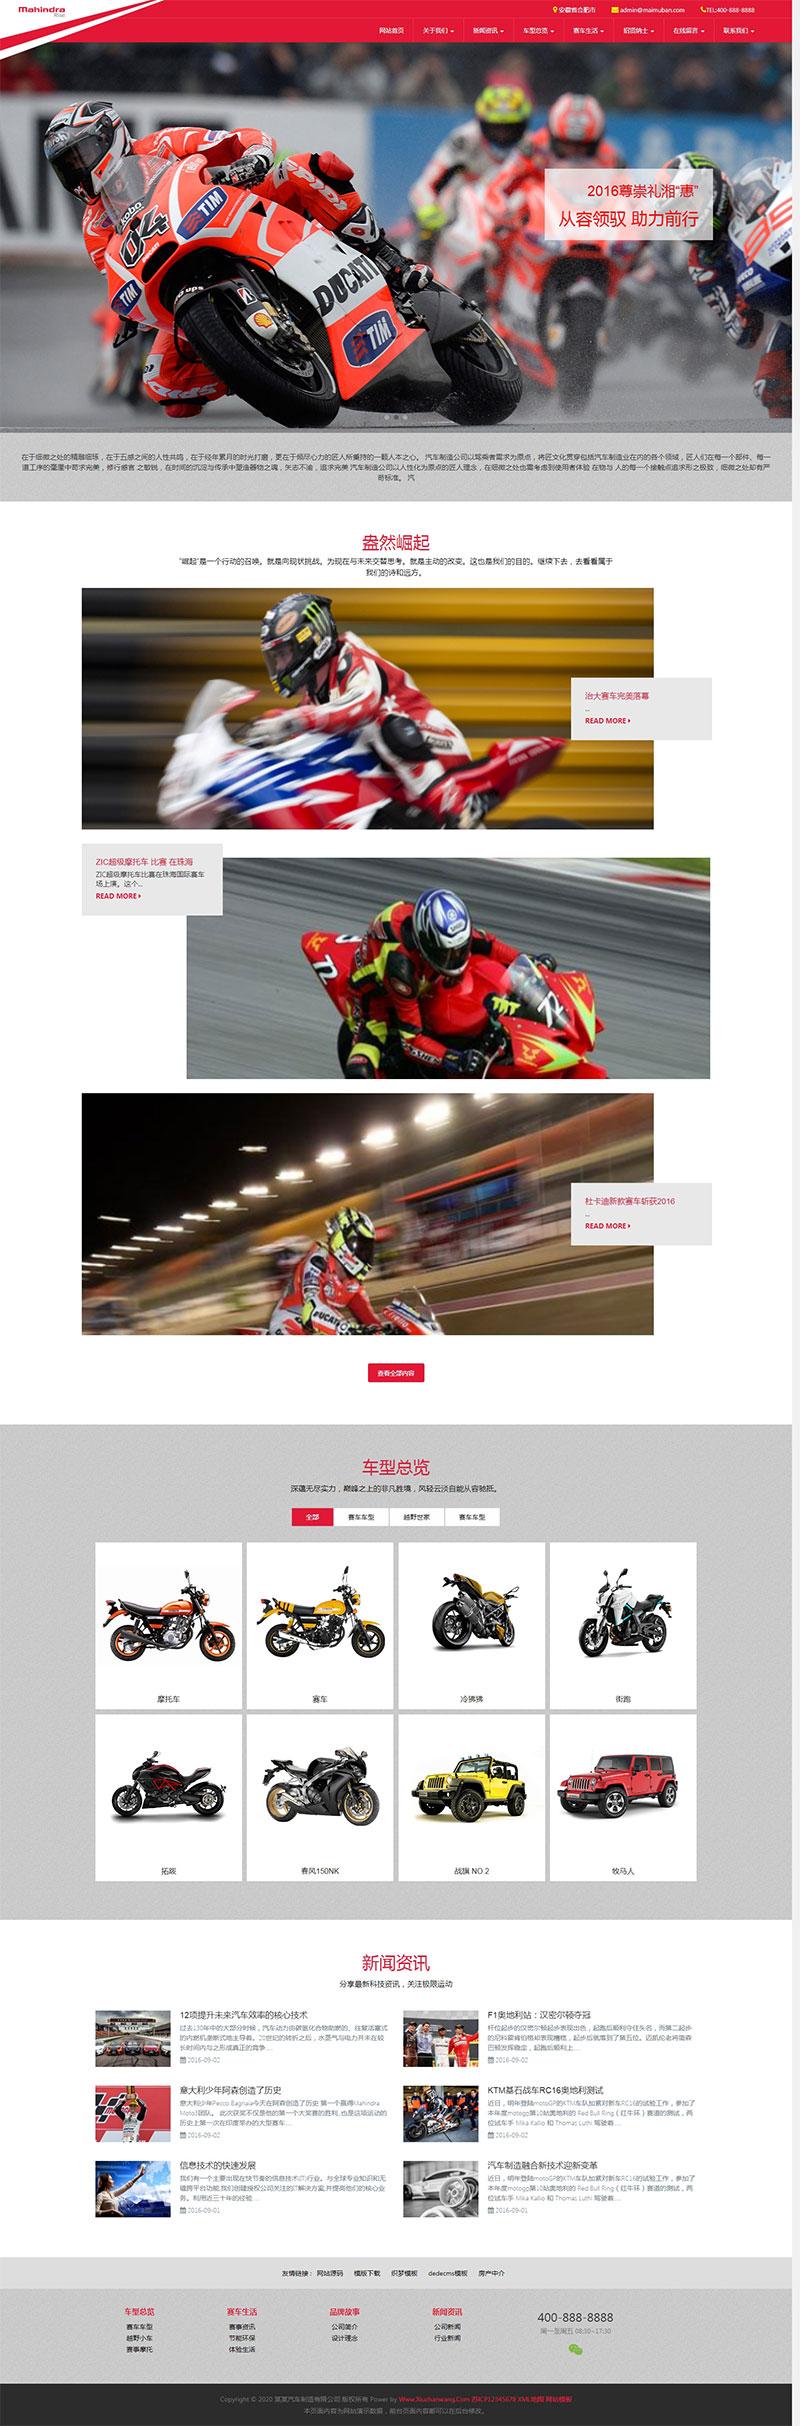 织梦dedecms响应式摩托车汽车制造公司网站模板(自适应手机移动端)